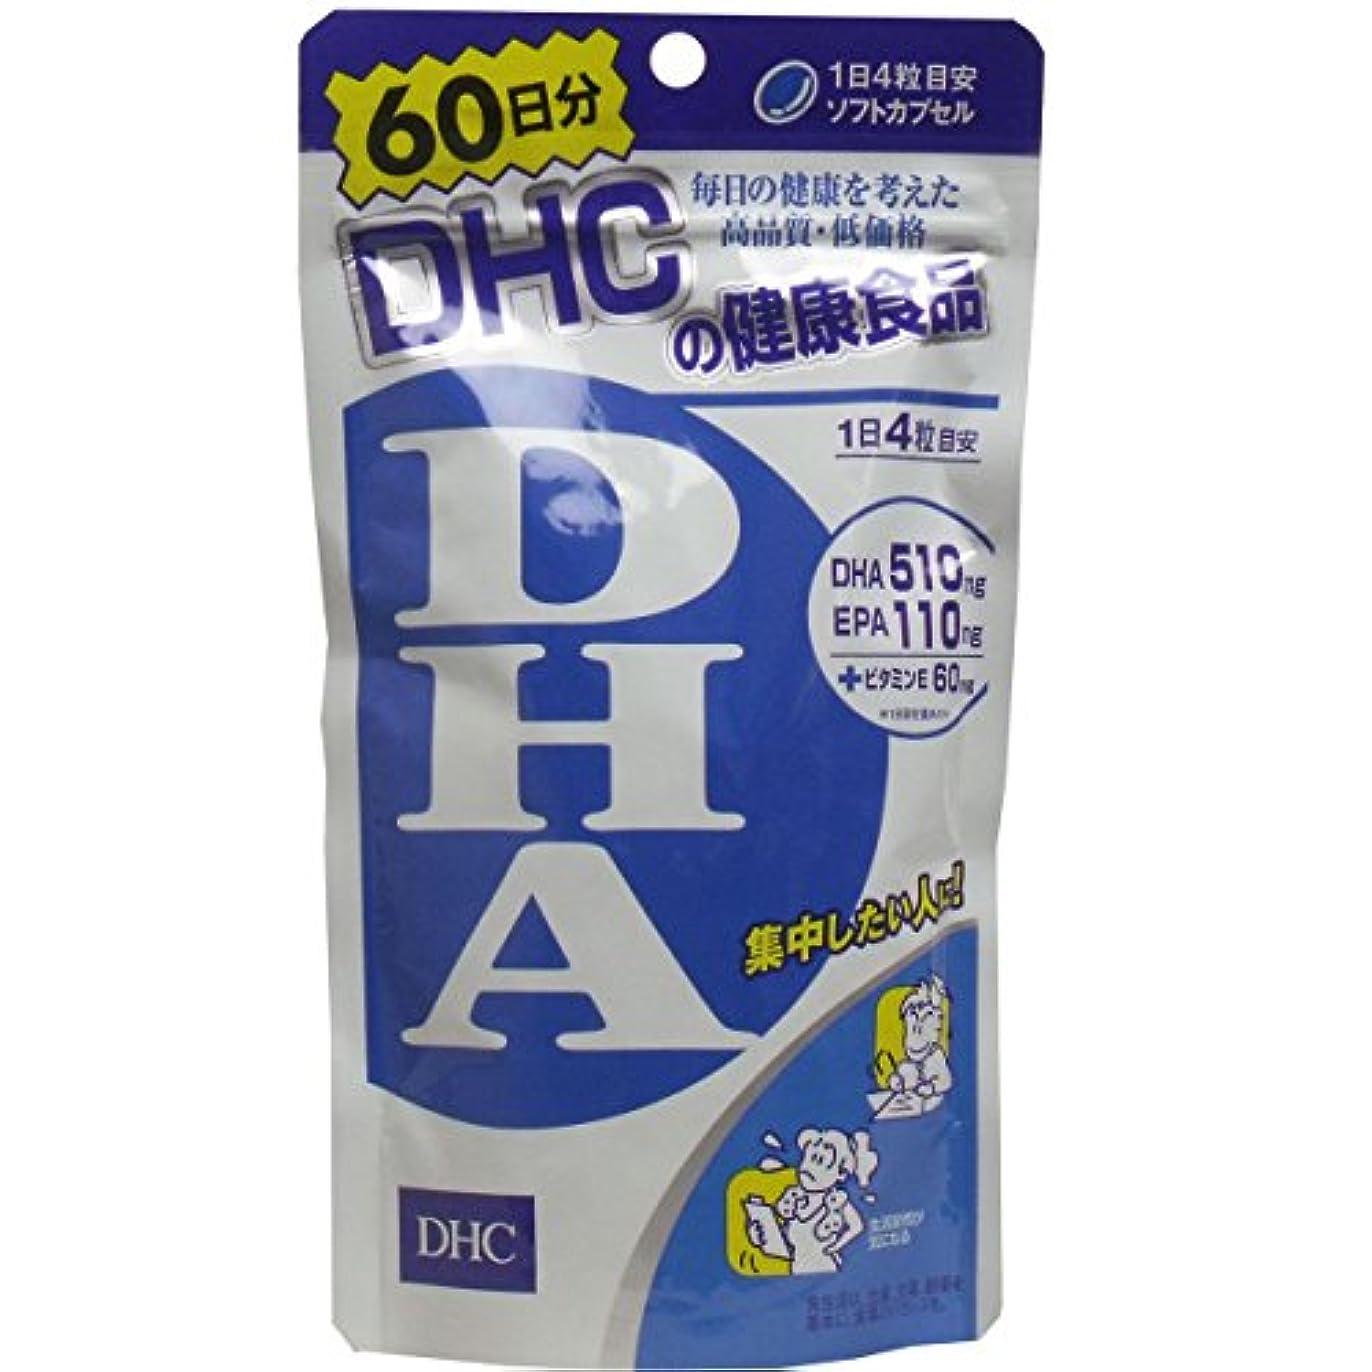 研究所驚き打撃<お得な2個パック>DHC DHA 60日分 240粒入り×2個